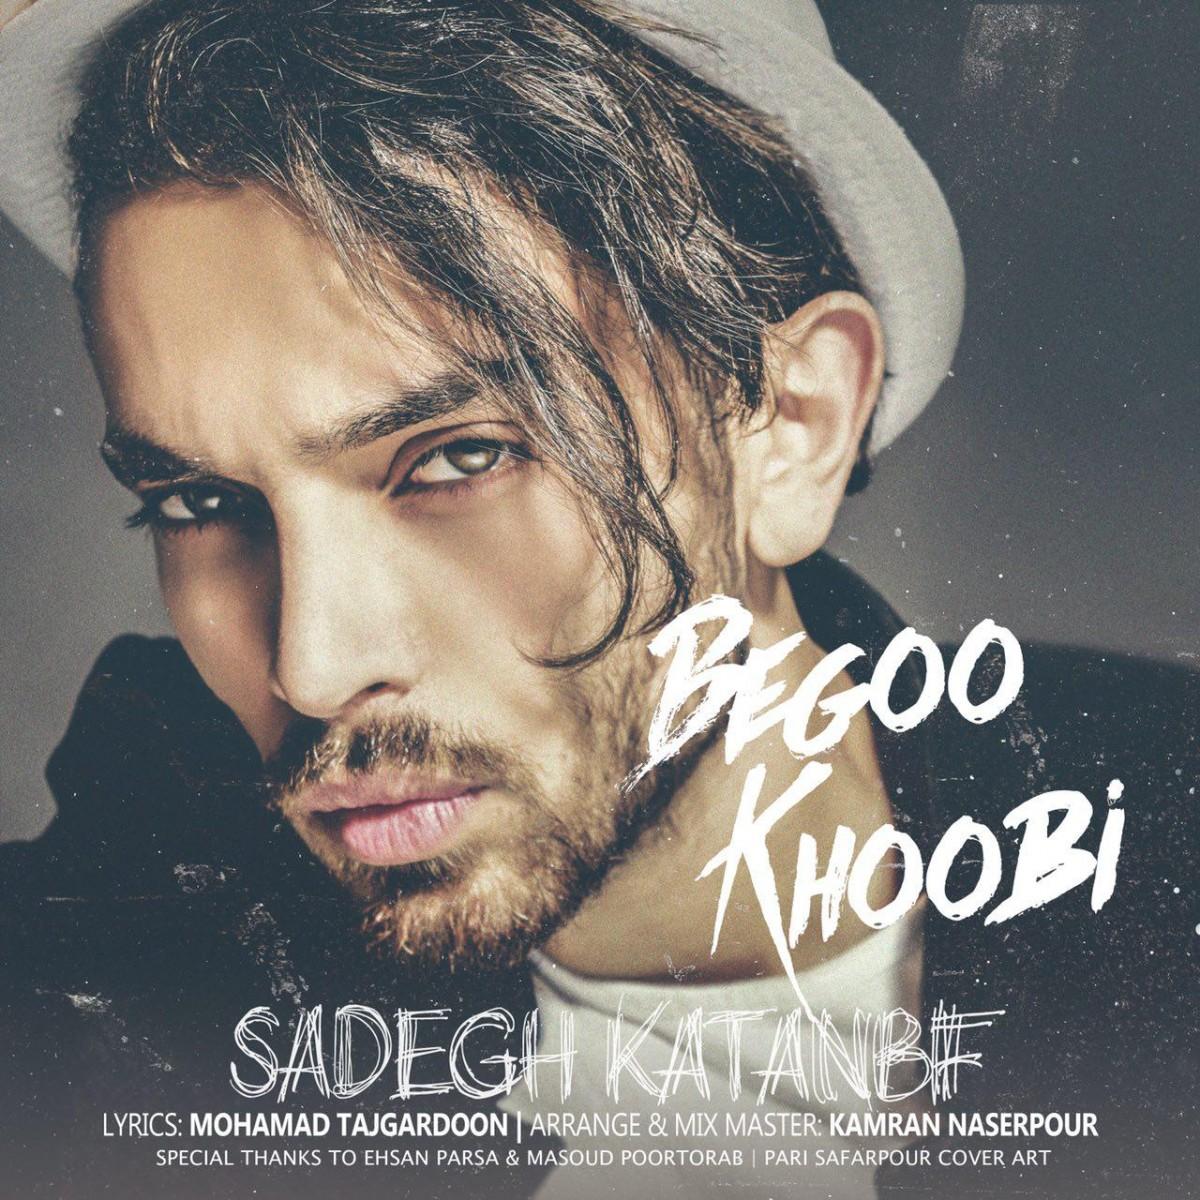 نامبر وان موزیک | دانلود آهنگ جدید Sadegh-Katanbaf-Begoo-Khoobi